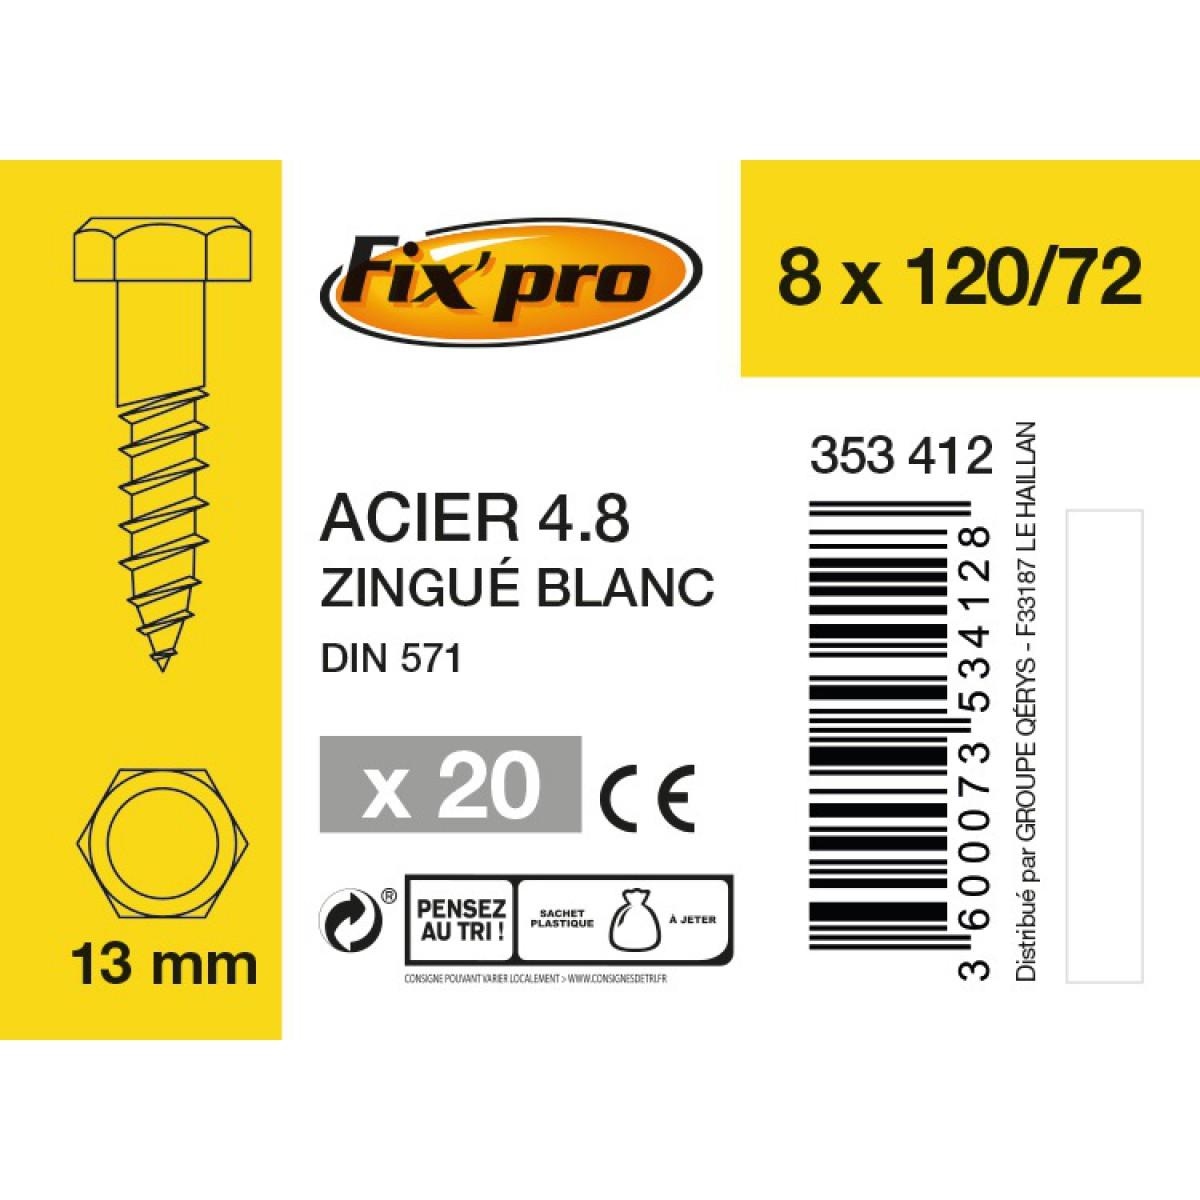 Tirefond tête hexagonale acier zingué - 8x120/72 - 20pces - Fixpro